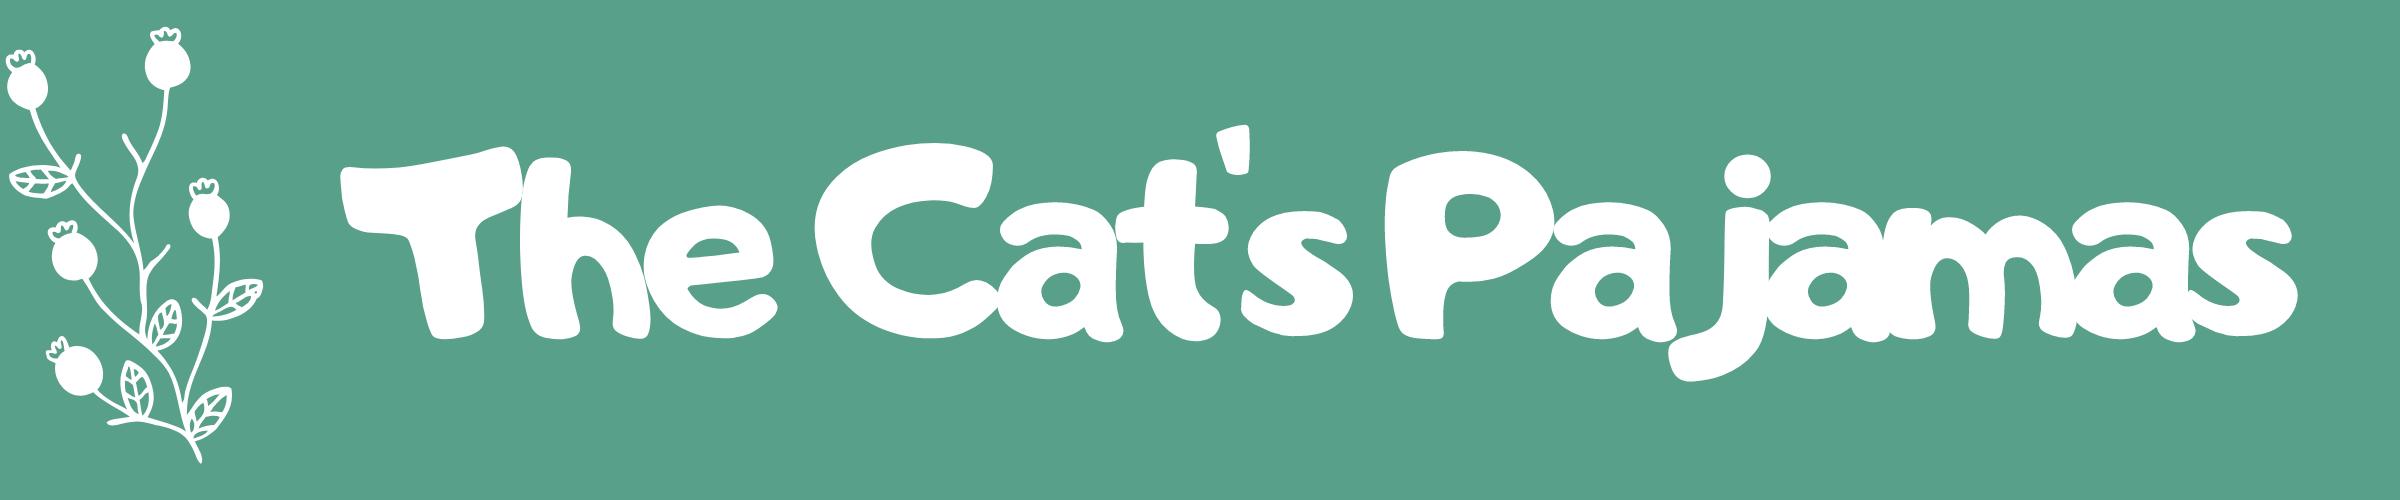 The Cat's Pajamas(ぱじゃねこ)